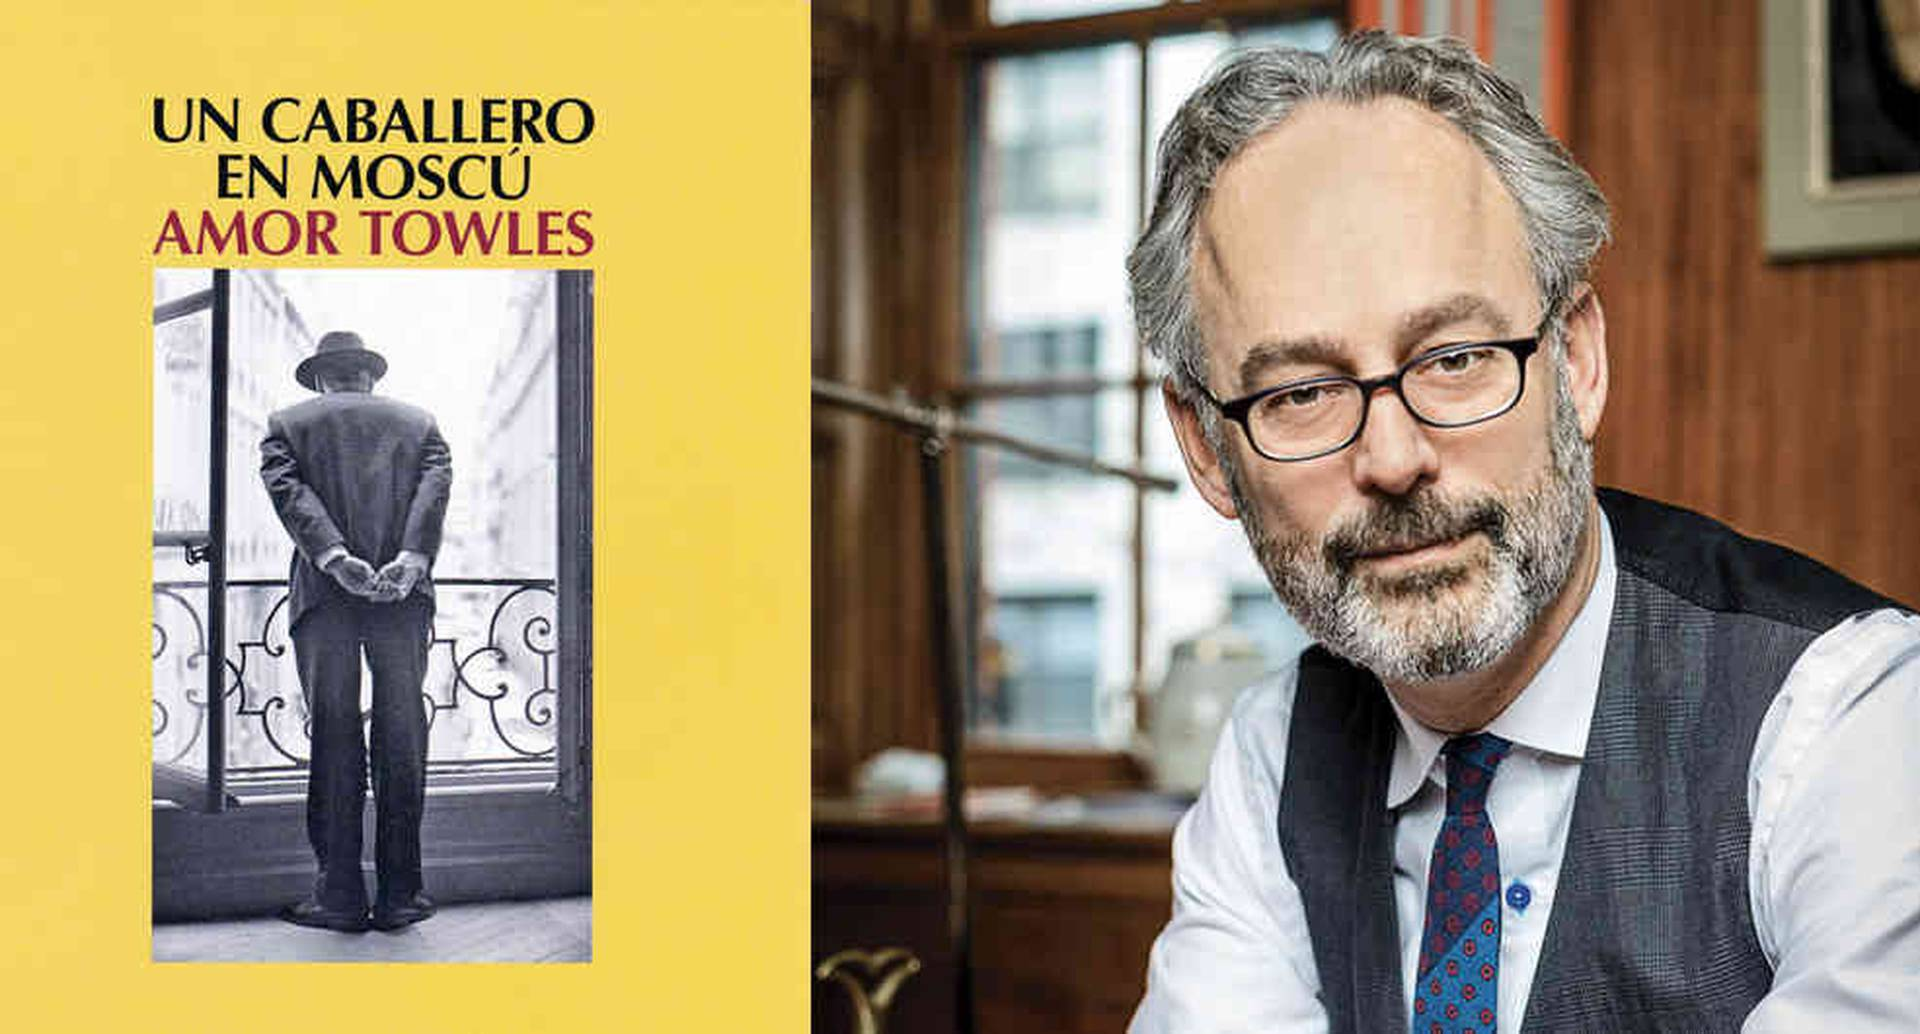 Amor Towles, escritor norteamericano. Su primera novela reconocida fue 'Normas de cortesía'. Foto: David Jacobs. Cortesía Penguin Books Australia.